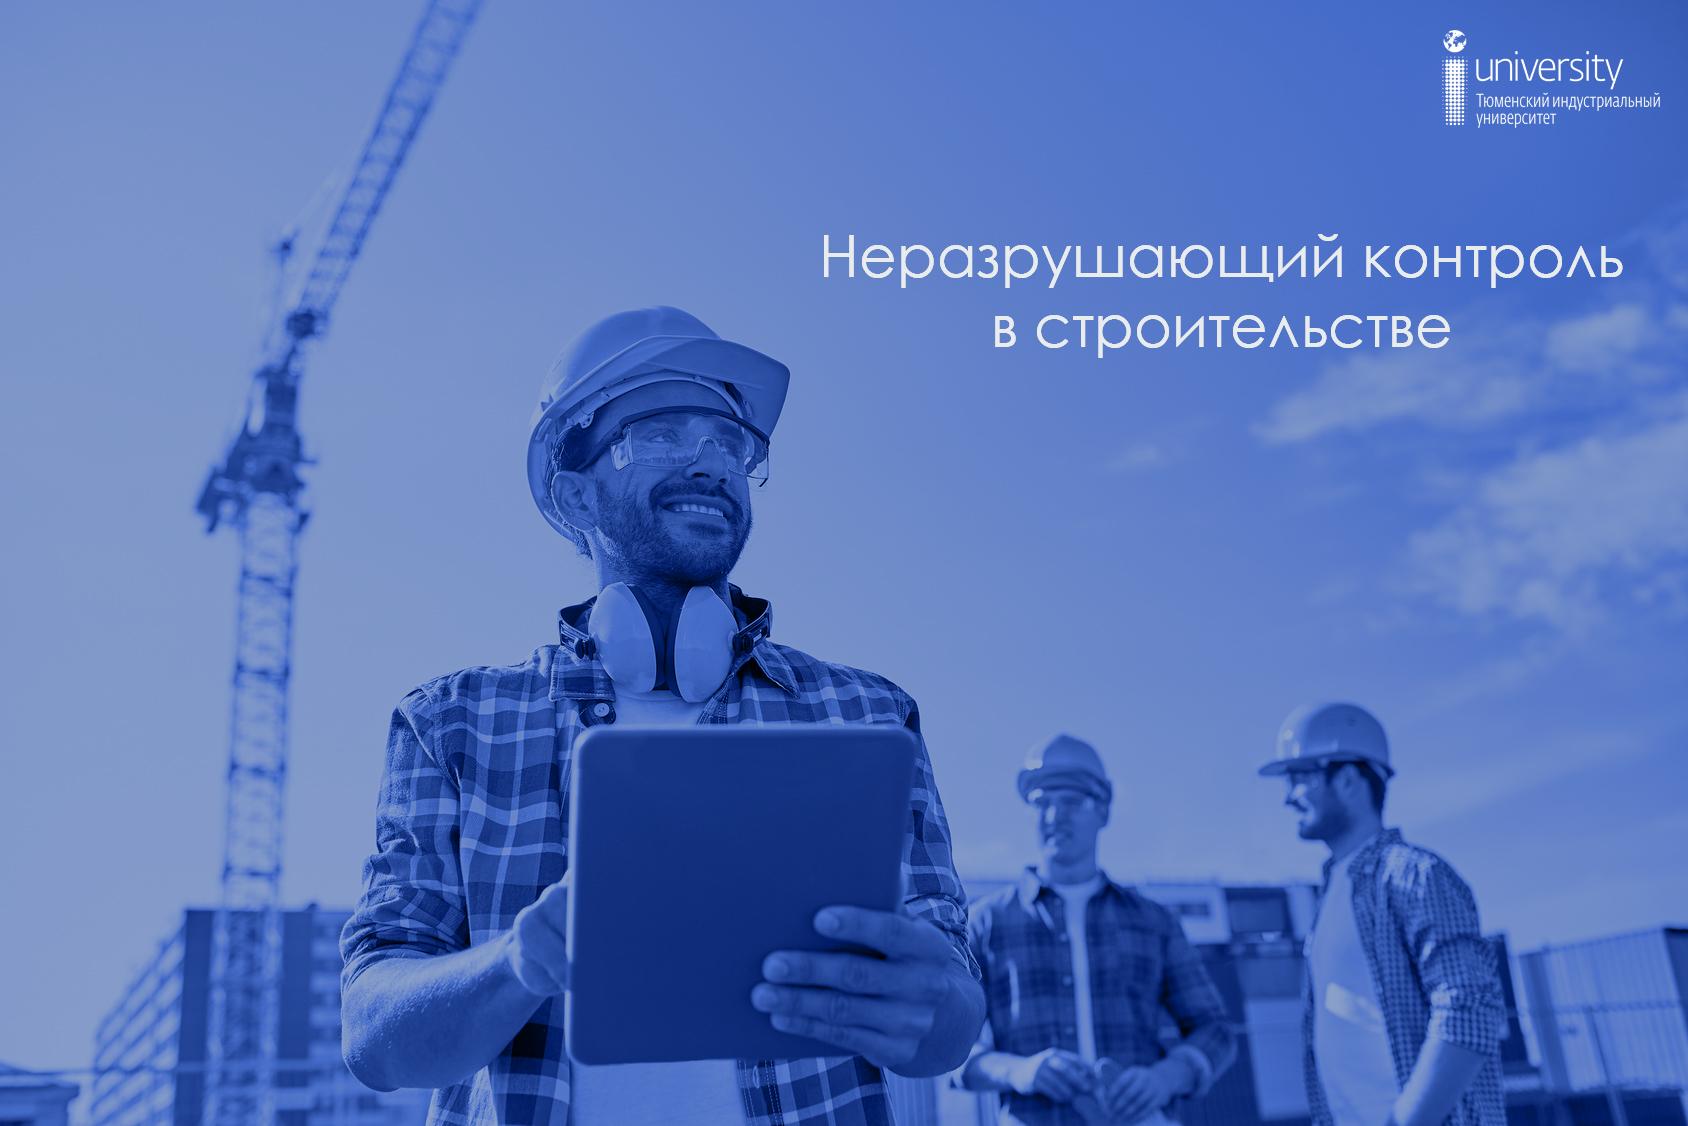 Course Image Неразрушающий контроль в строительстве